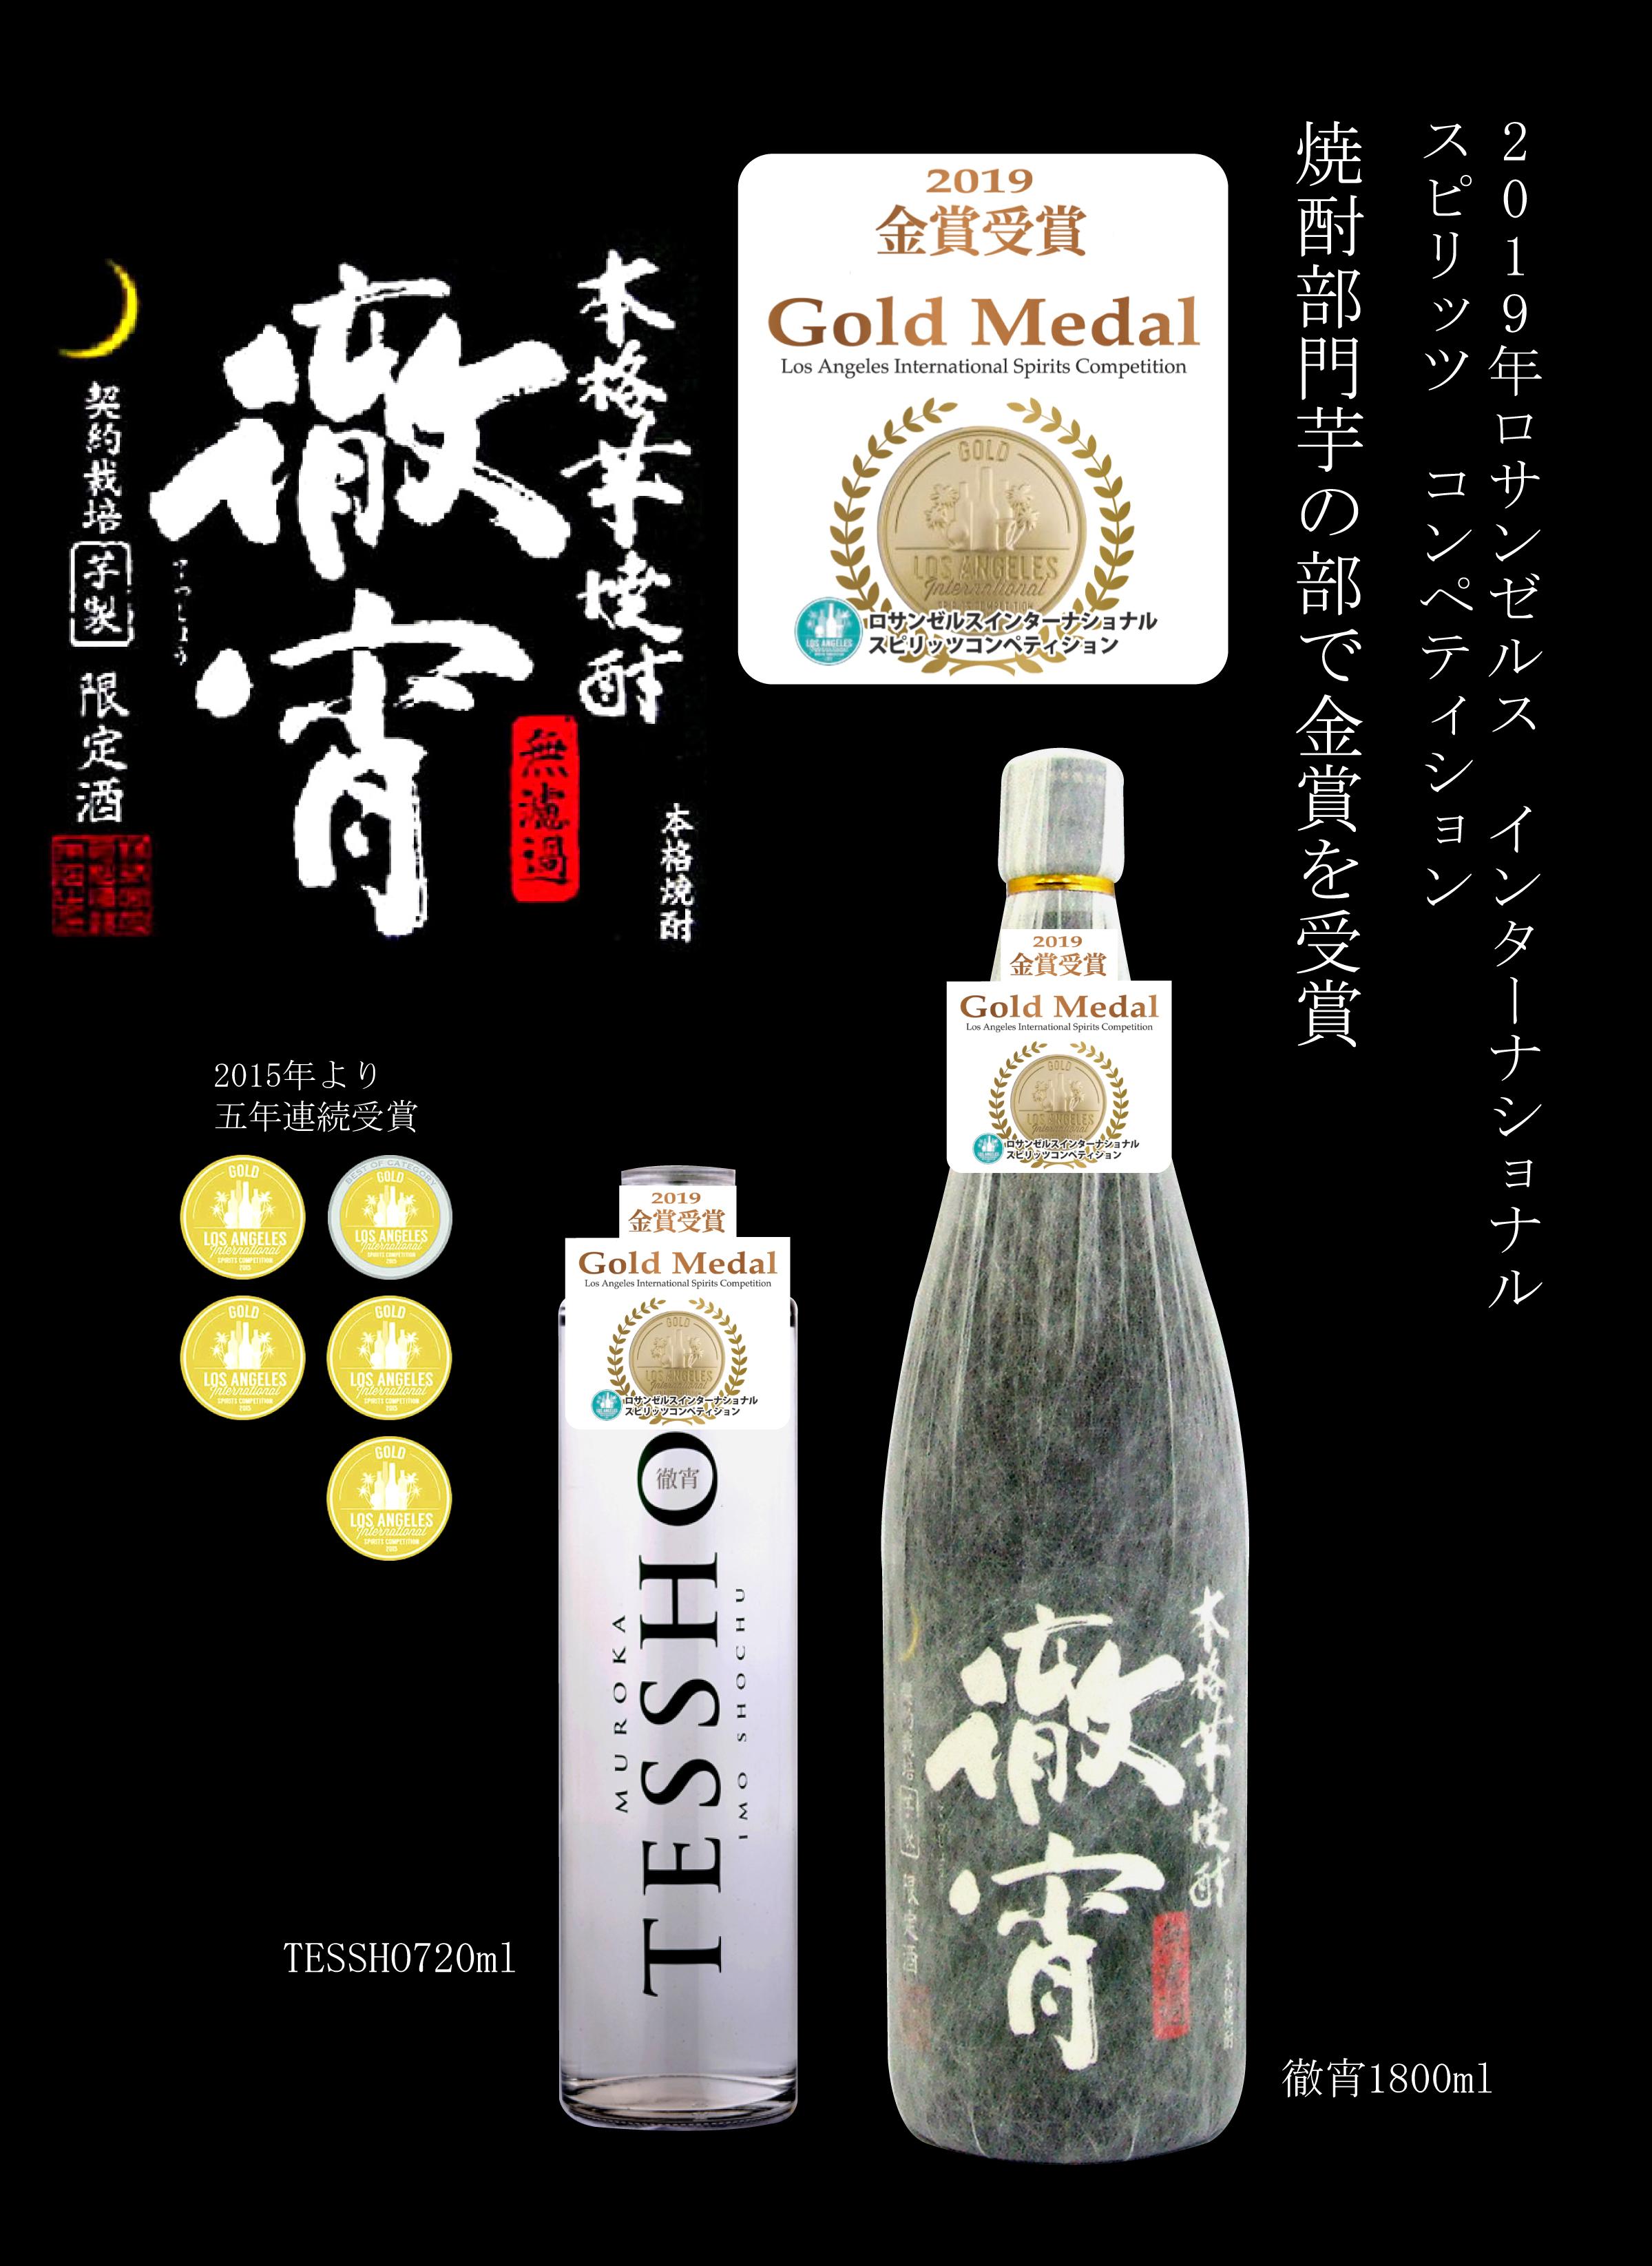 徹宵ゴールドメダル受賞2019